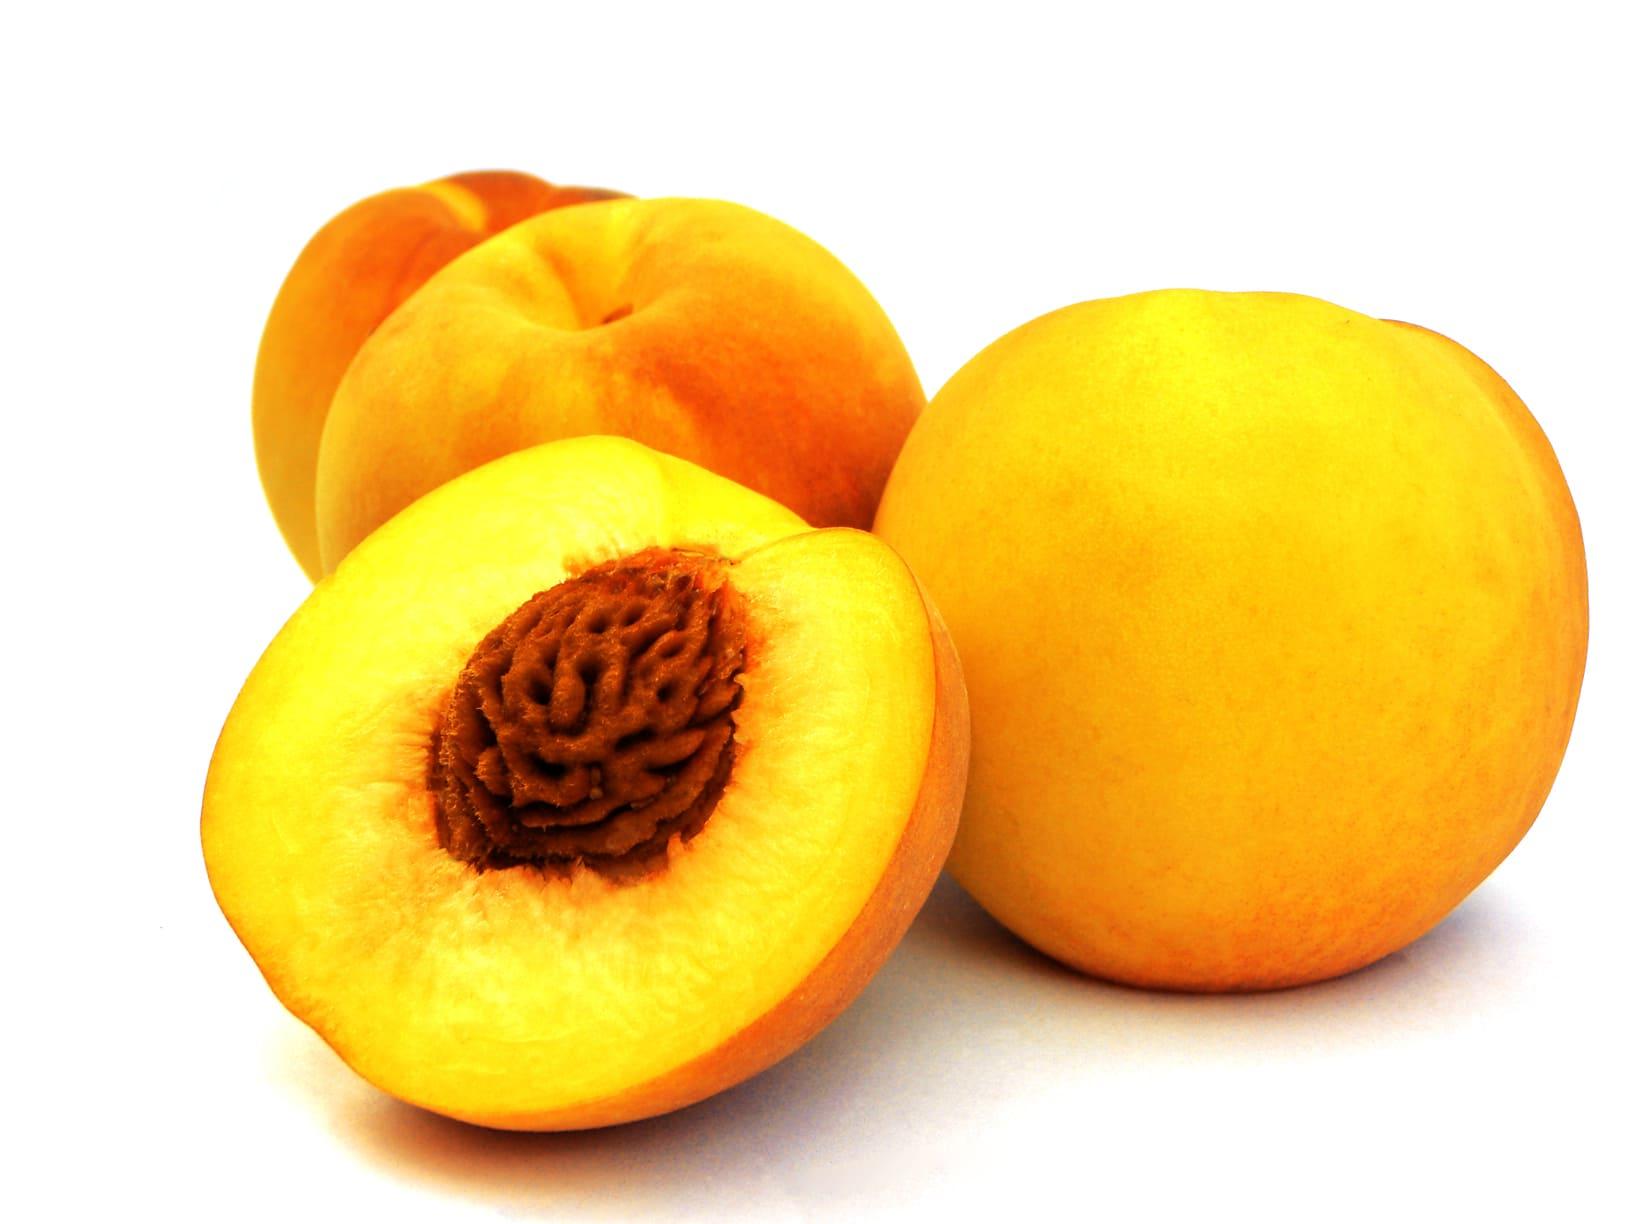 Dao-vang-Uc-nhap-khau-Vinfruits.com